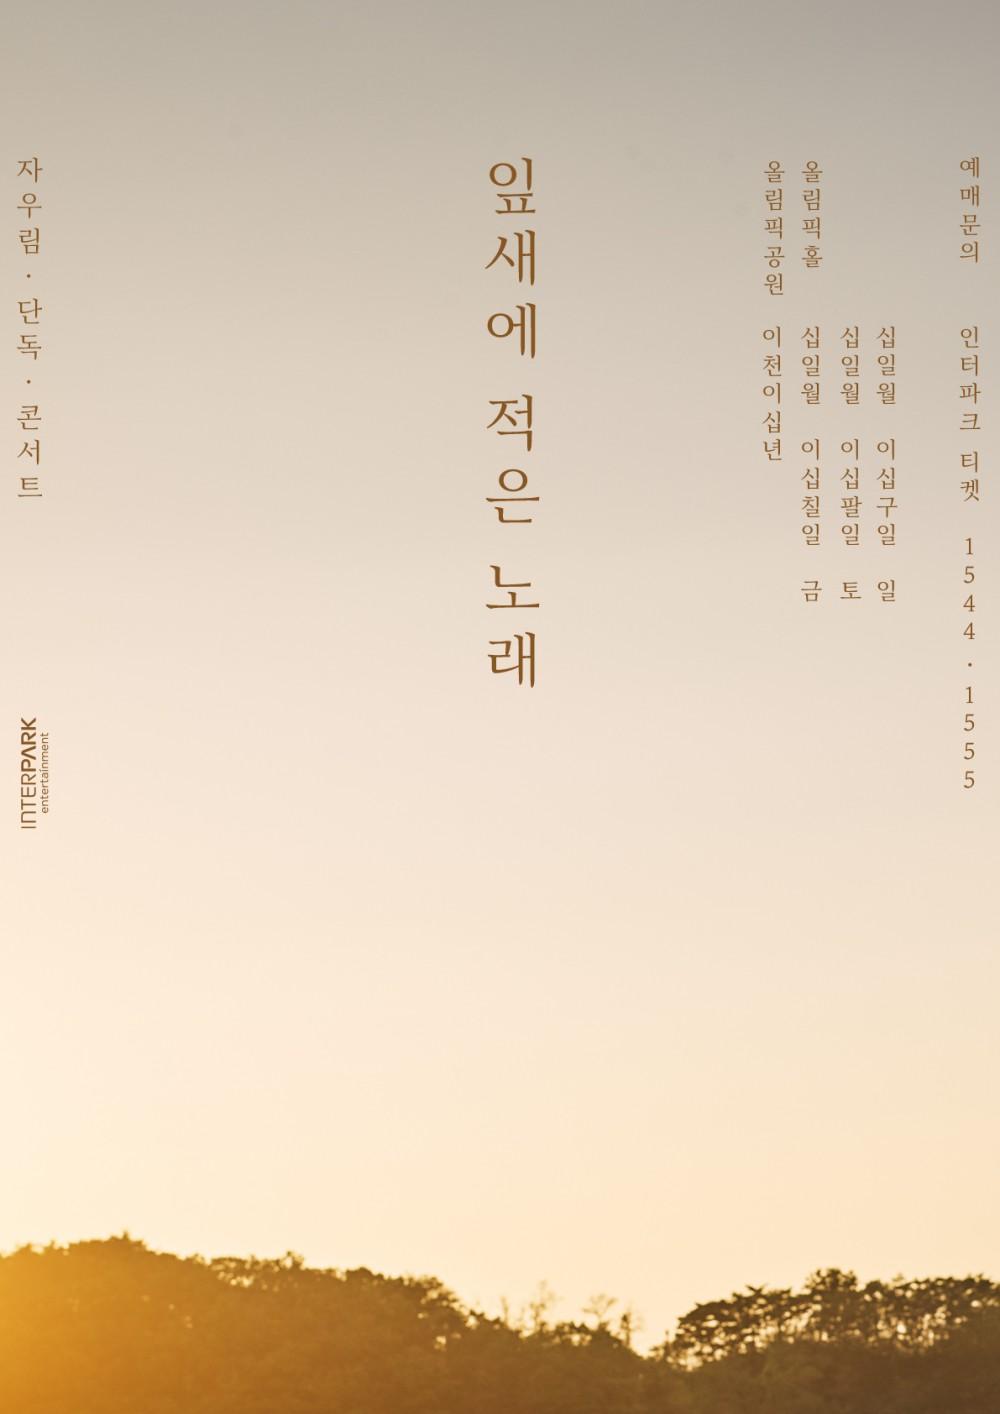 자우림, 단독 콘서트 [ 잎새에 적은 노래 ] 개최! 서정적인 한 편의 시 같은 공연,...